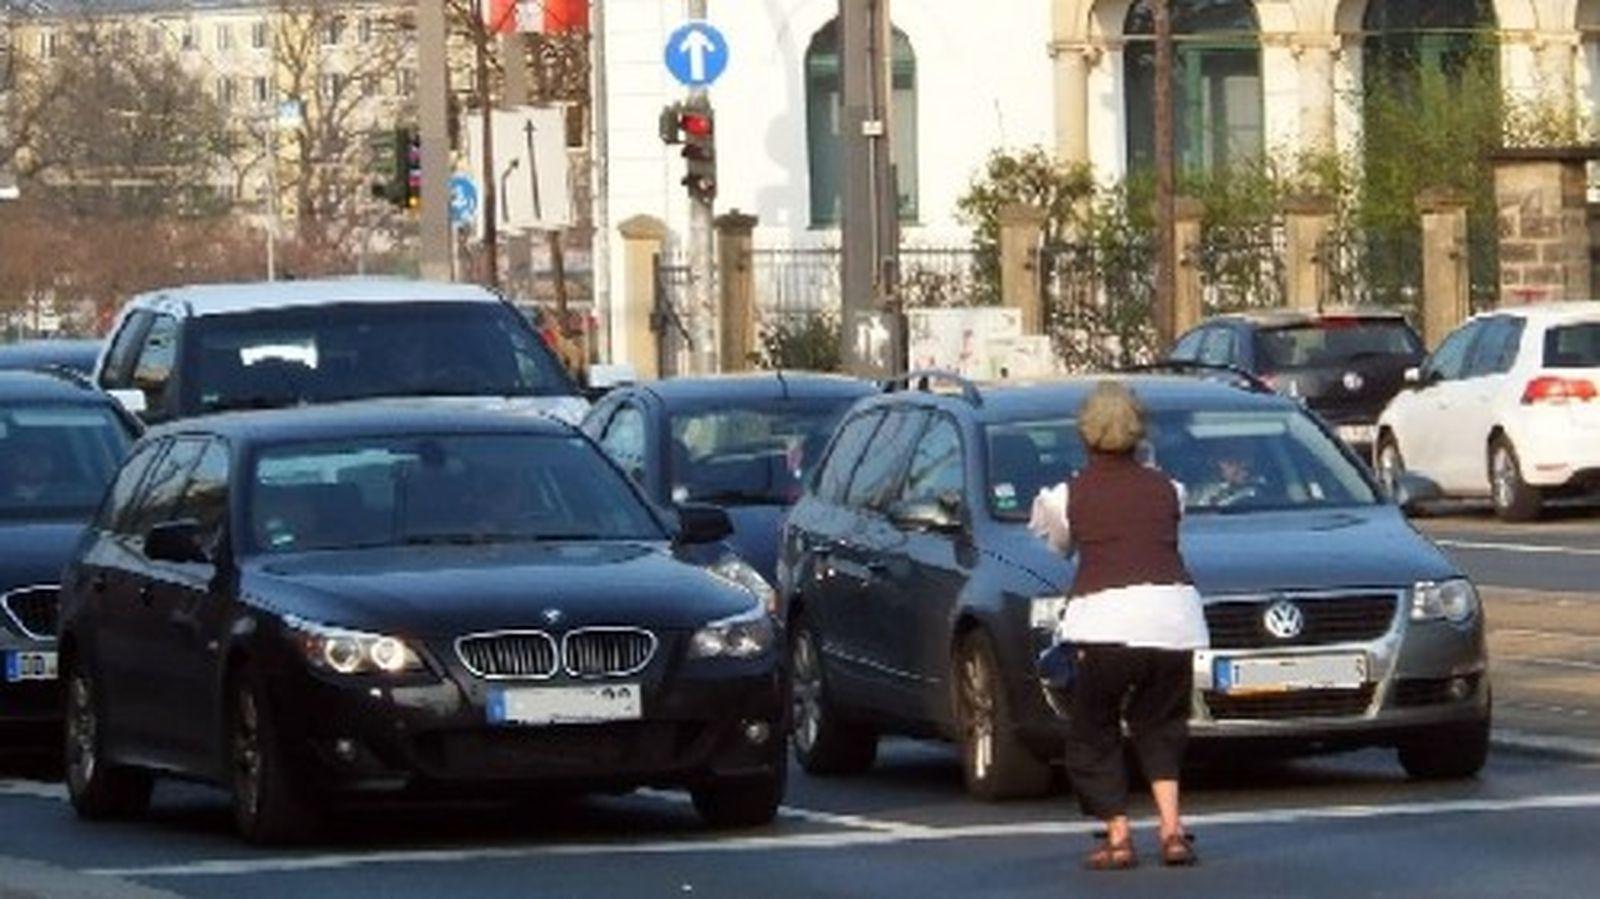 Die Autofahrer nehmen die Showeinlage amüsiert zur Kenntnis.